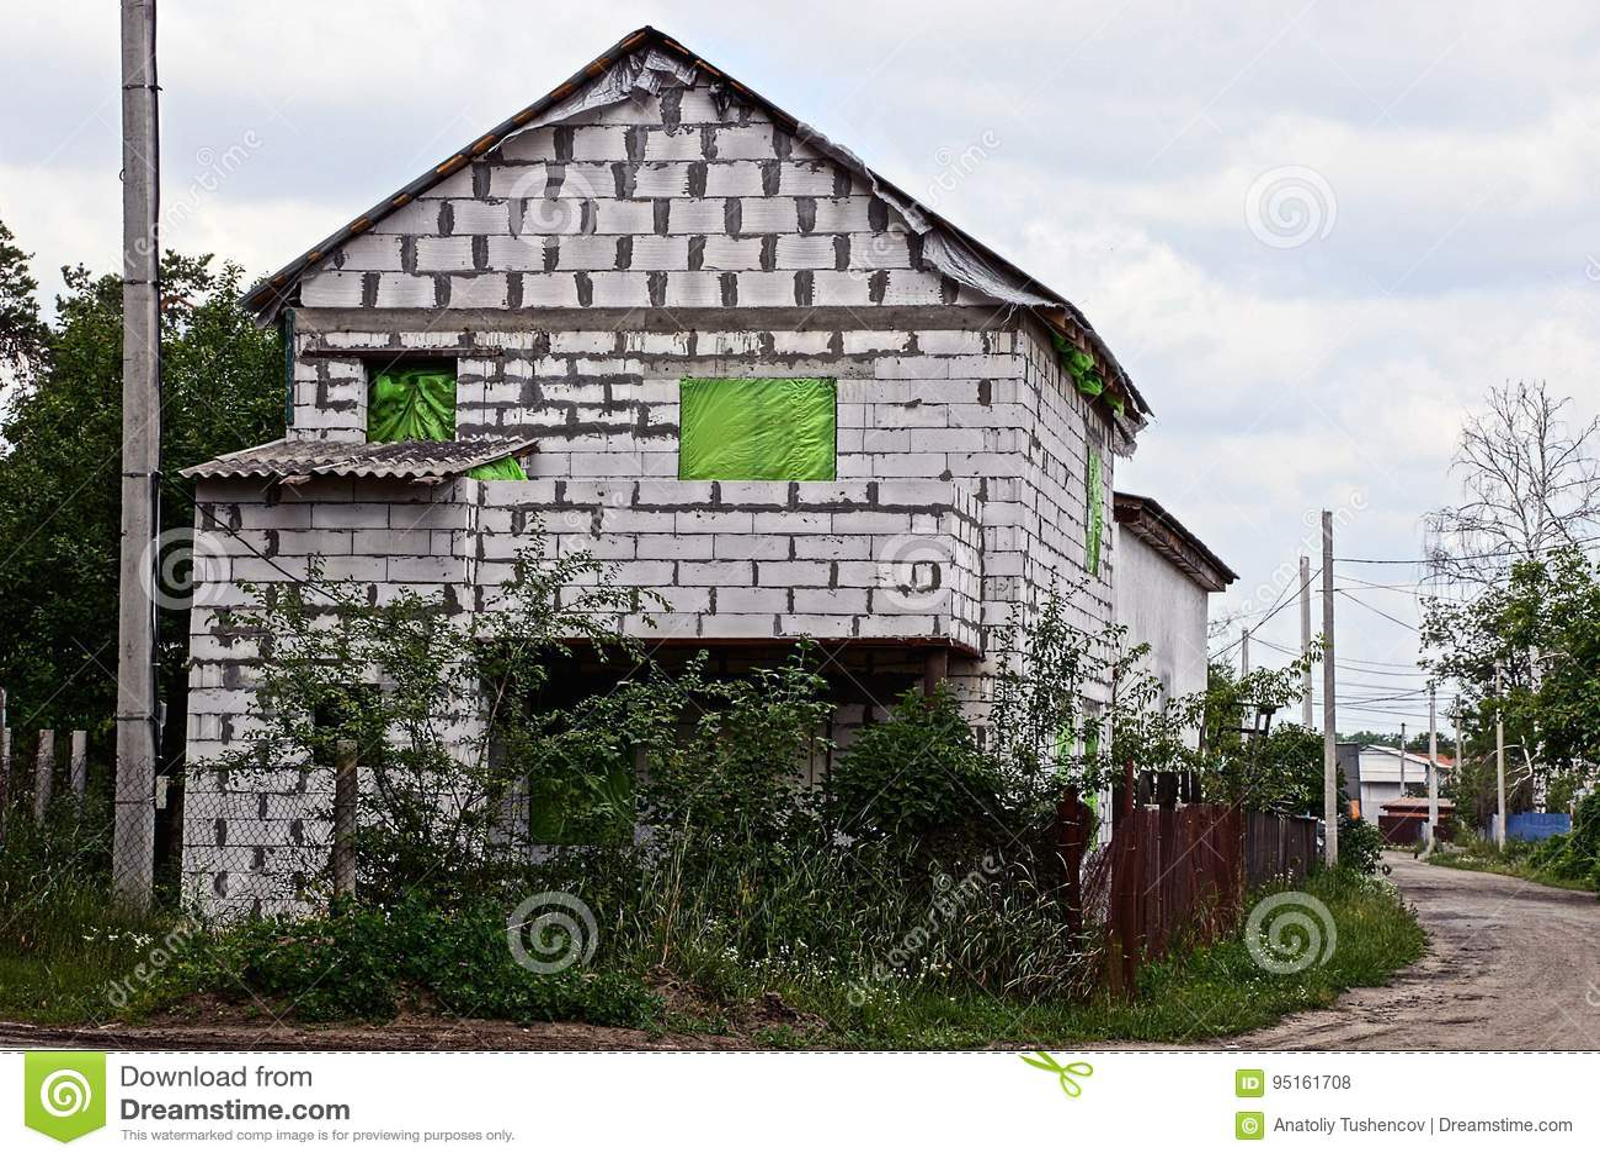 Come Recintare Un Giardino costruzione di una casa con mattoni a vista bianca fuori di